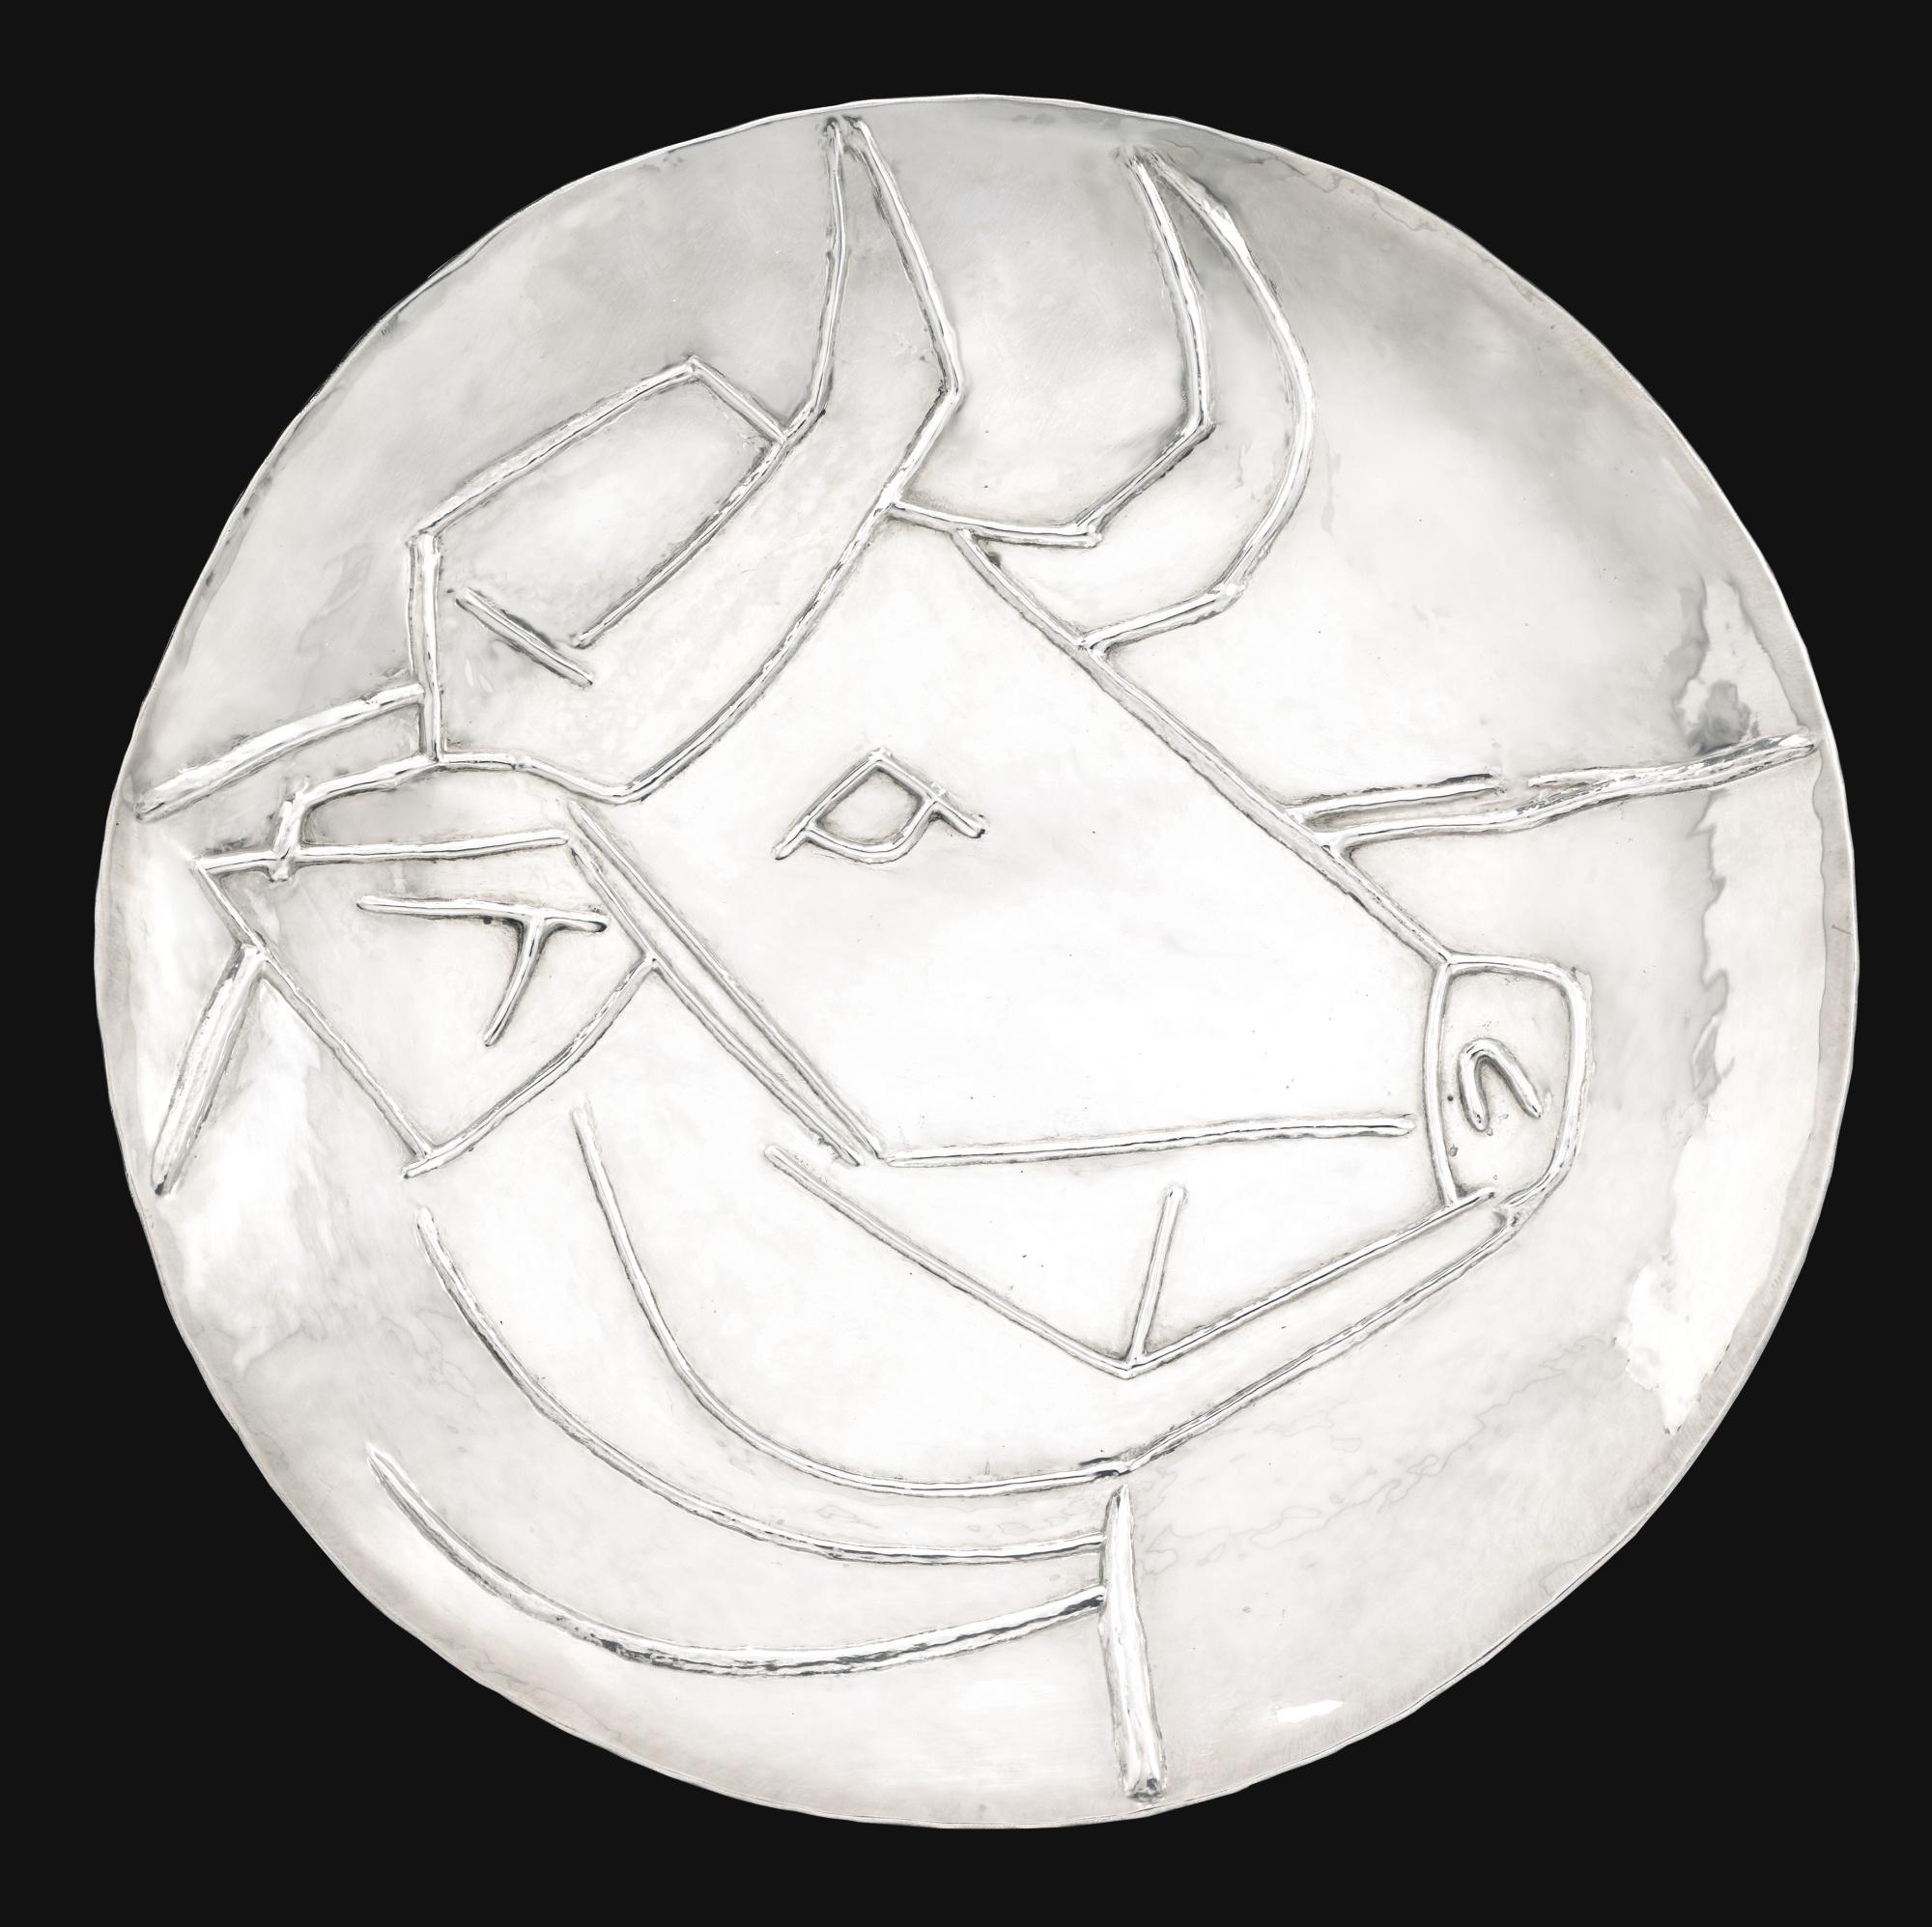 Pablo Picasso-Tete De Taureau-1967